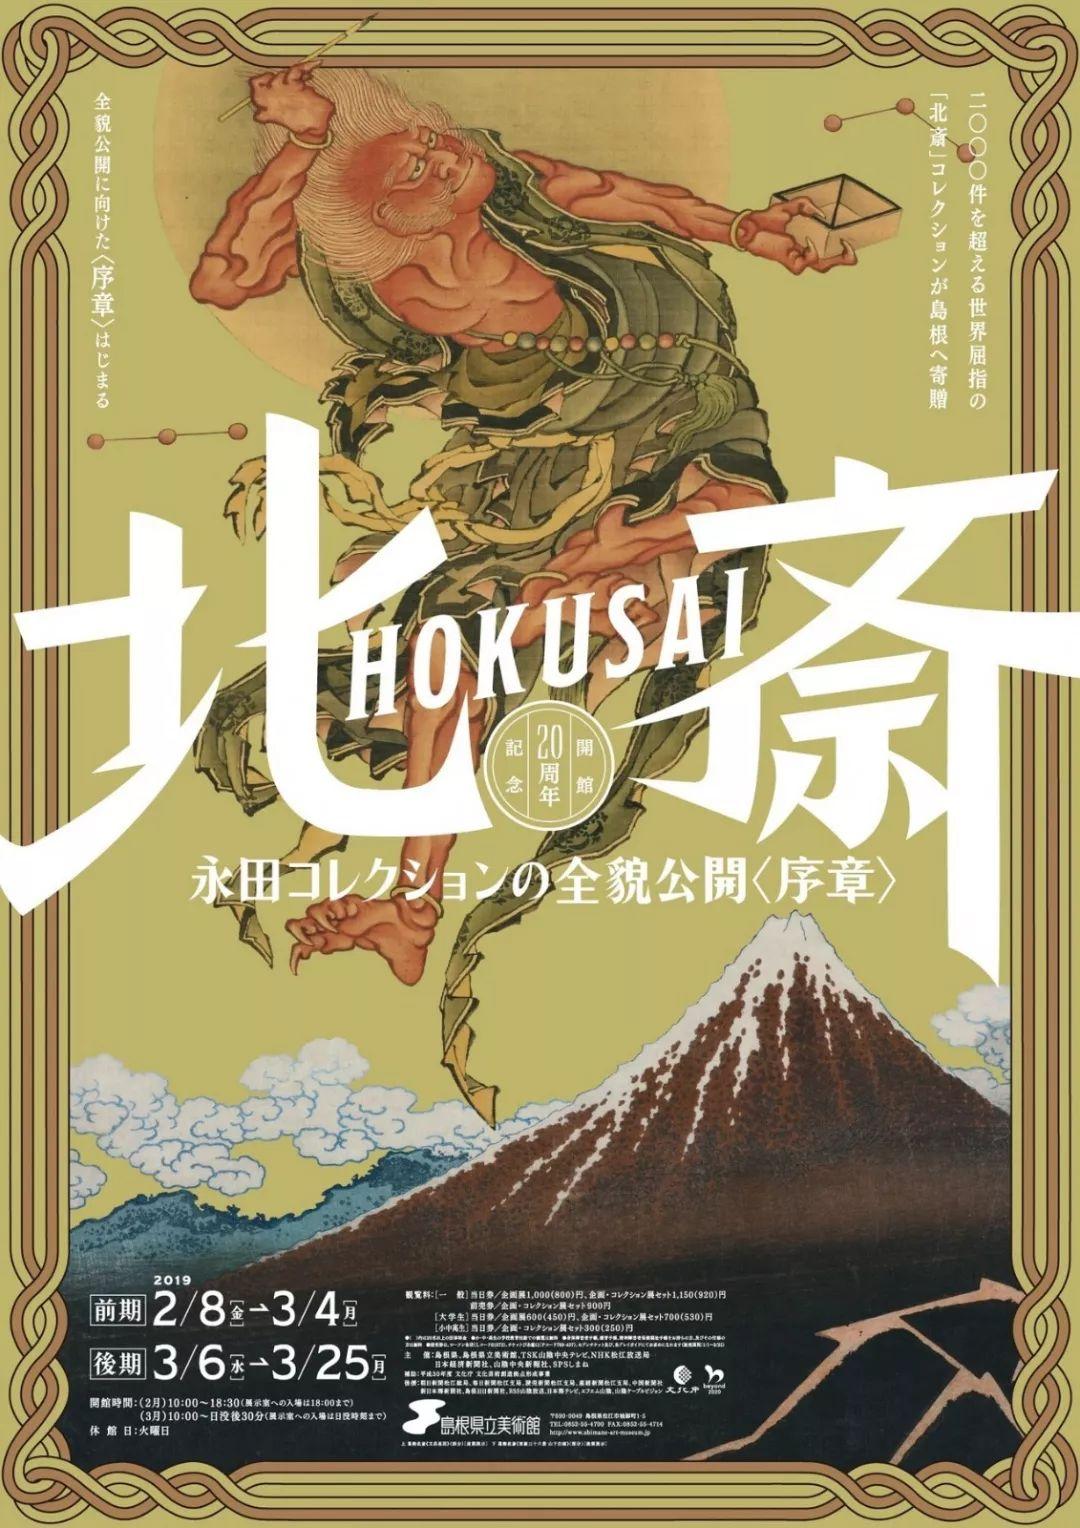 音乐资讯_日本艺术展览海报设计欣赏 - 设计之家